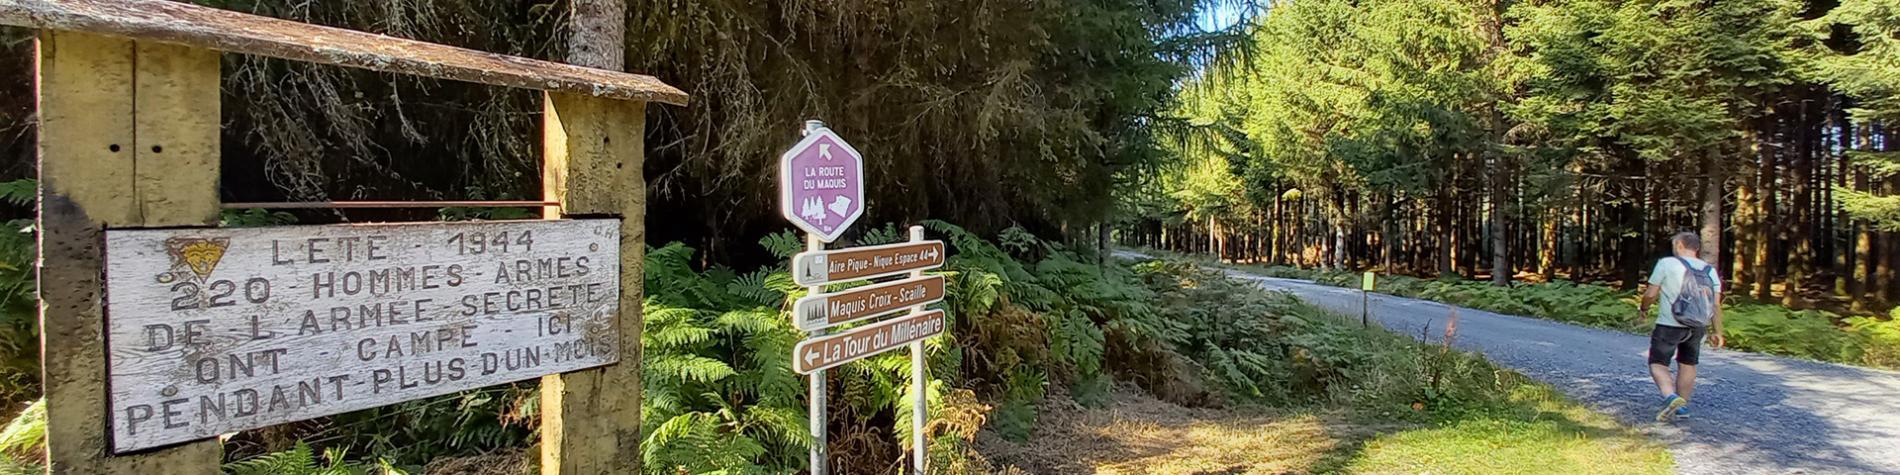 Croix Scaille - Balade pédestre insolite à Gedinne - Sur les pas des Maquisards